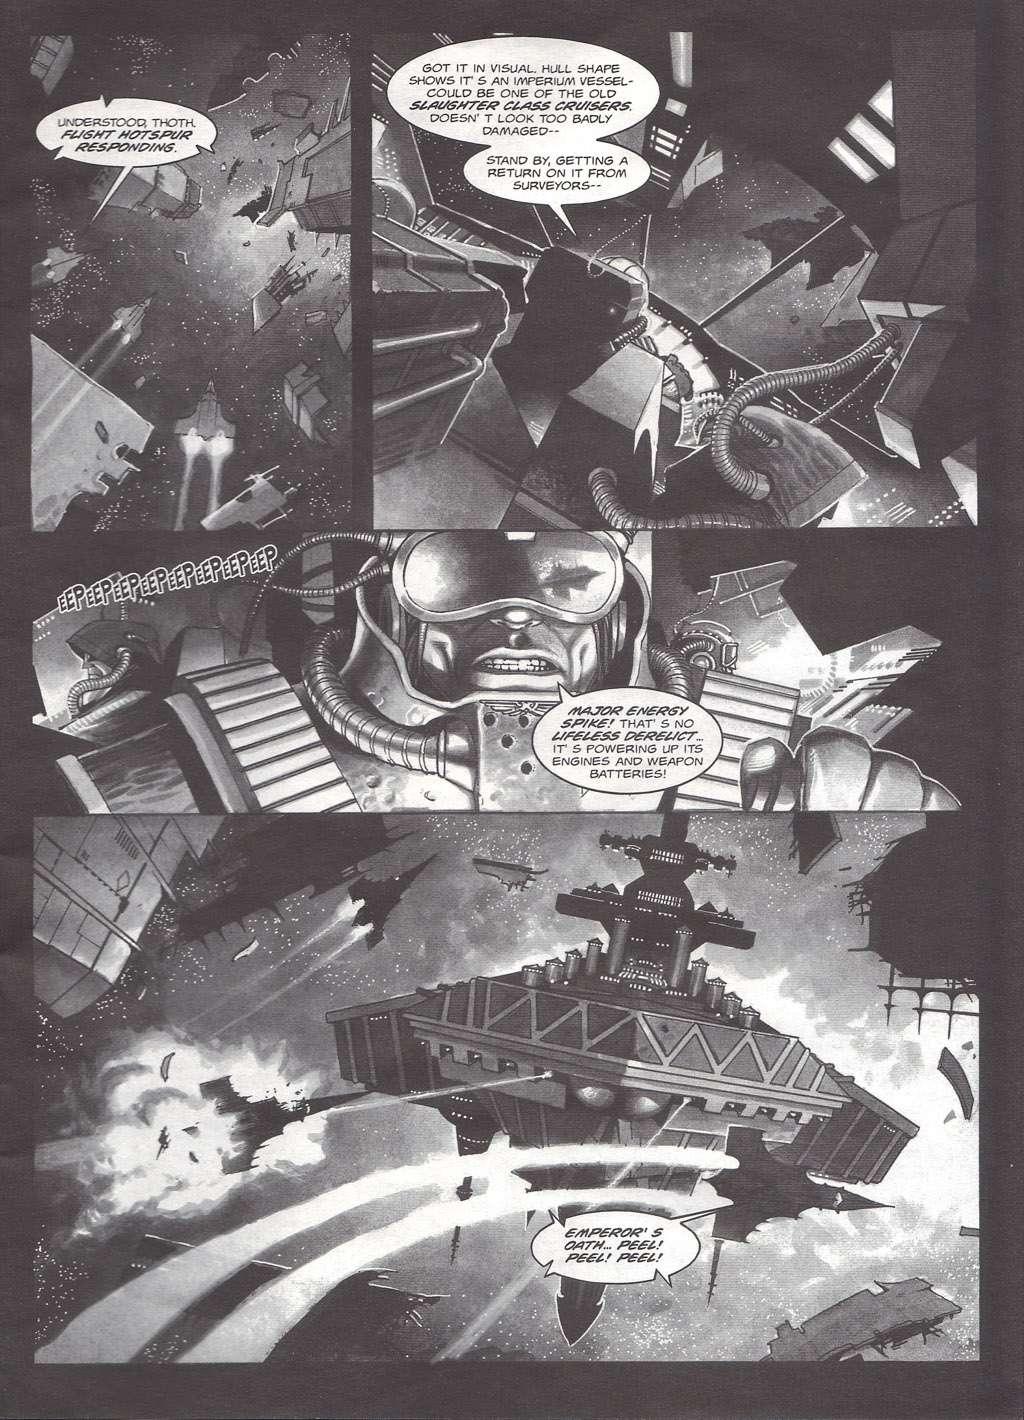 [GALERIE] Artworks - Page 7 Bfg_ge23